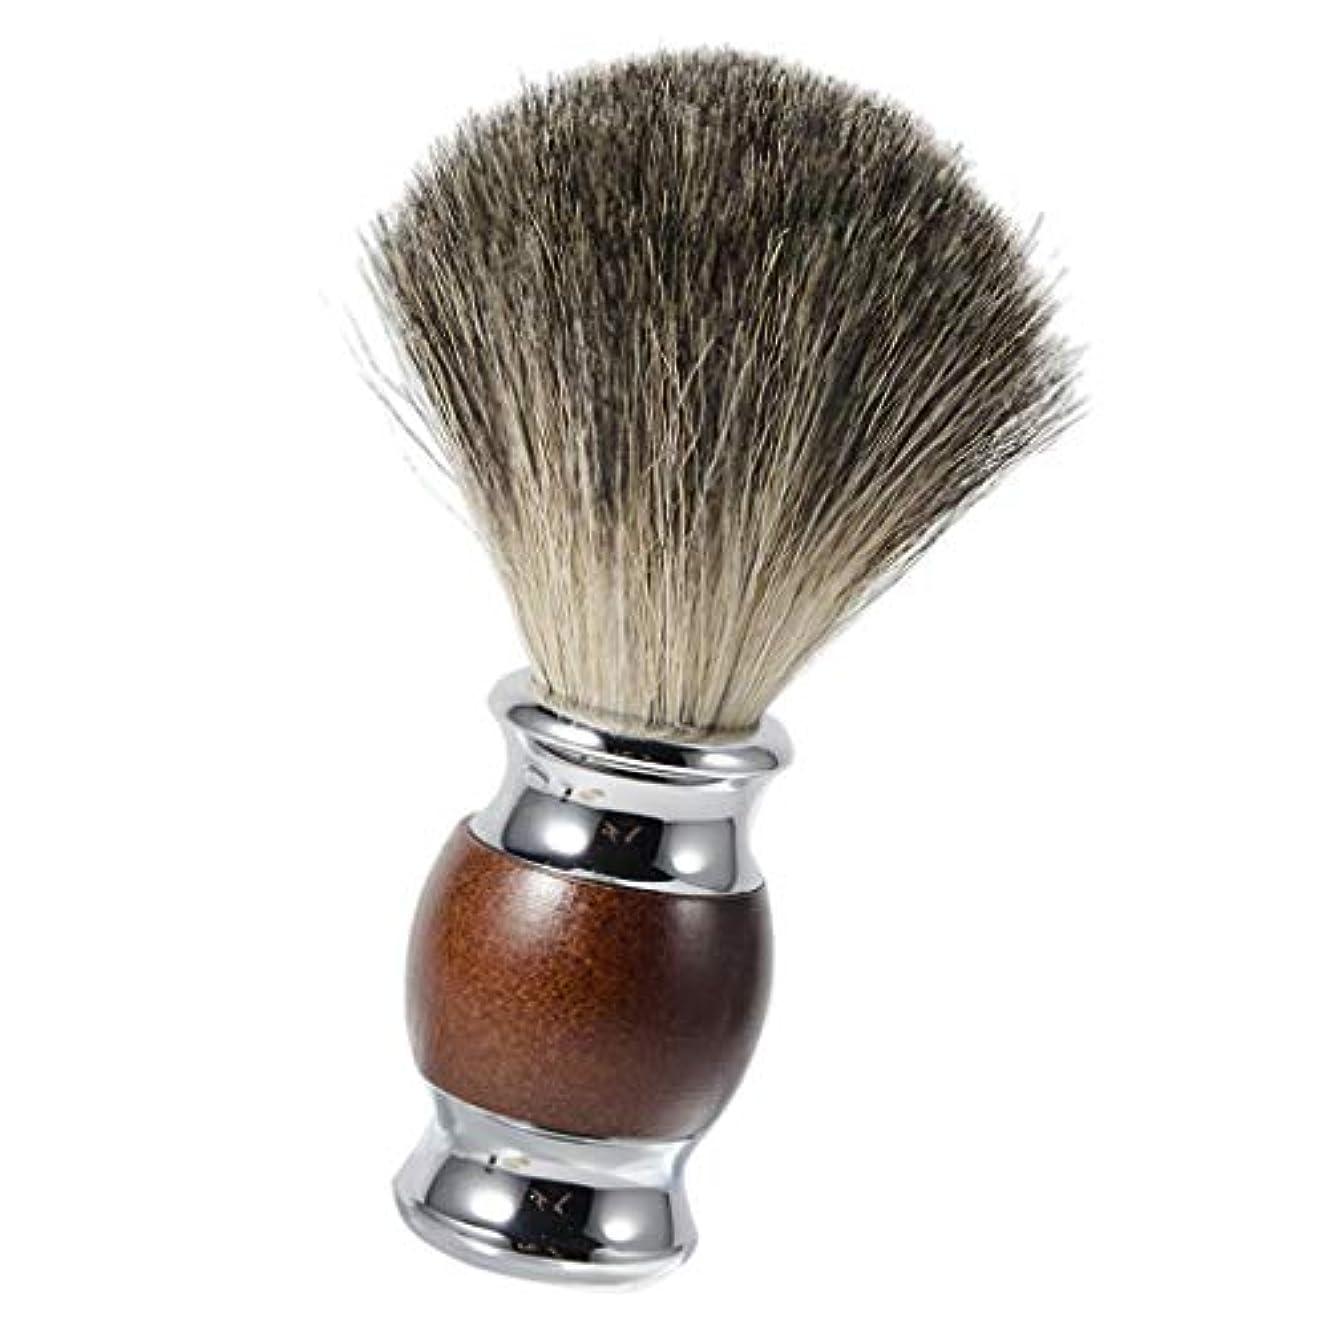 排他的明示的にばかげたsharprepublic メンズ用 髭剃り ブラシ シェービングブラシ 木製ハンドル 理容 洗顔 髭剃り ギフト